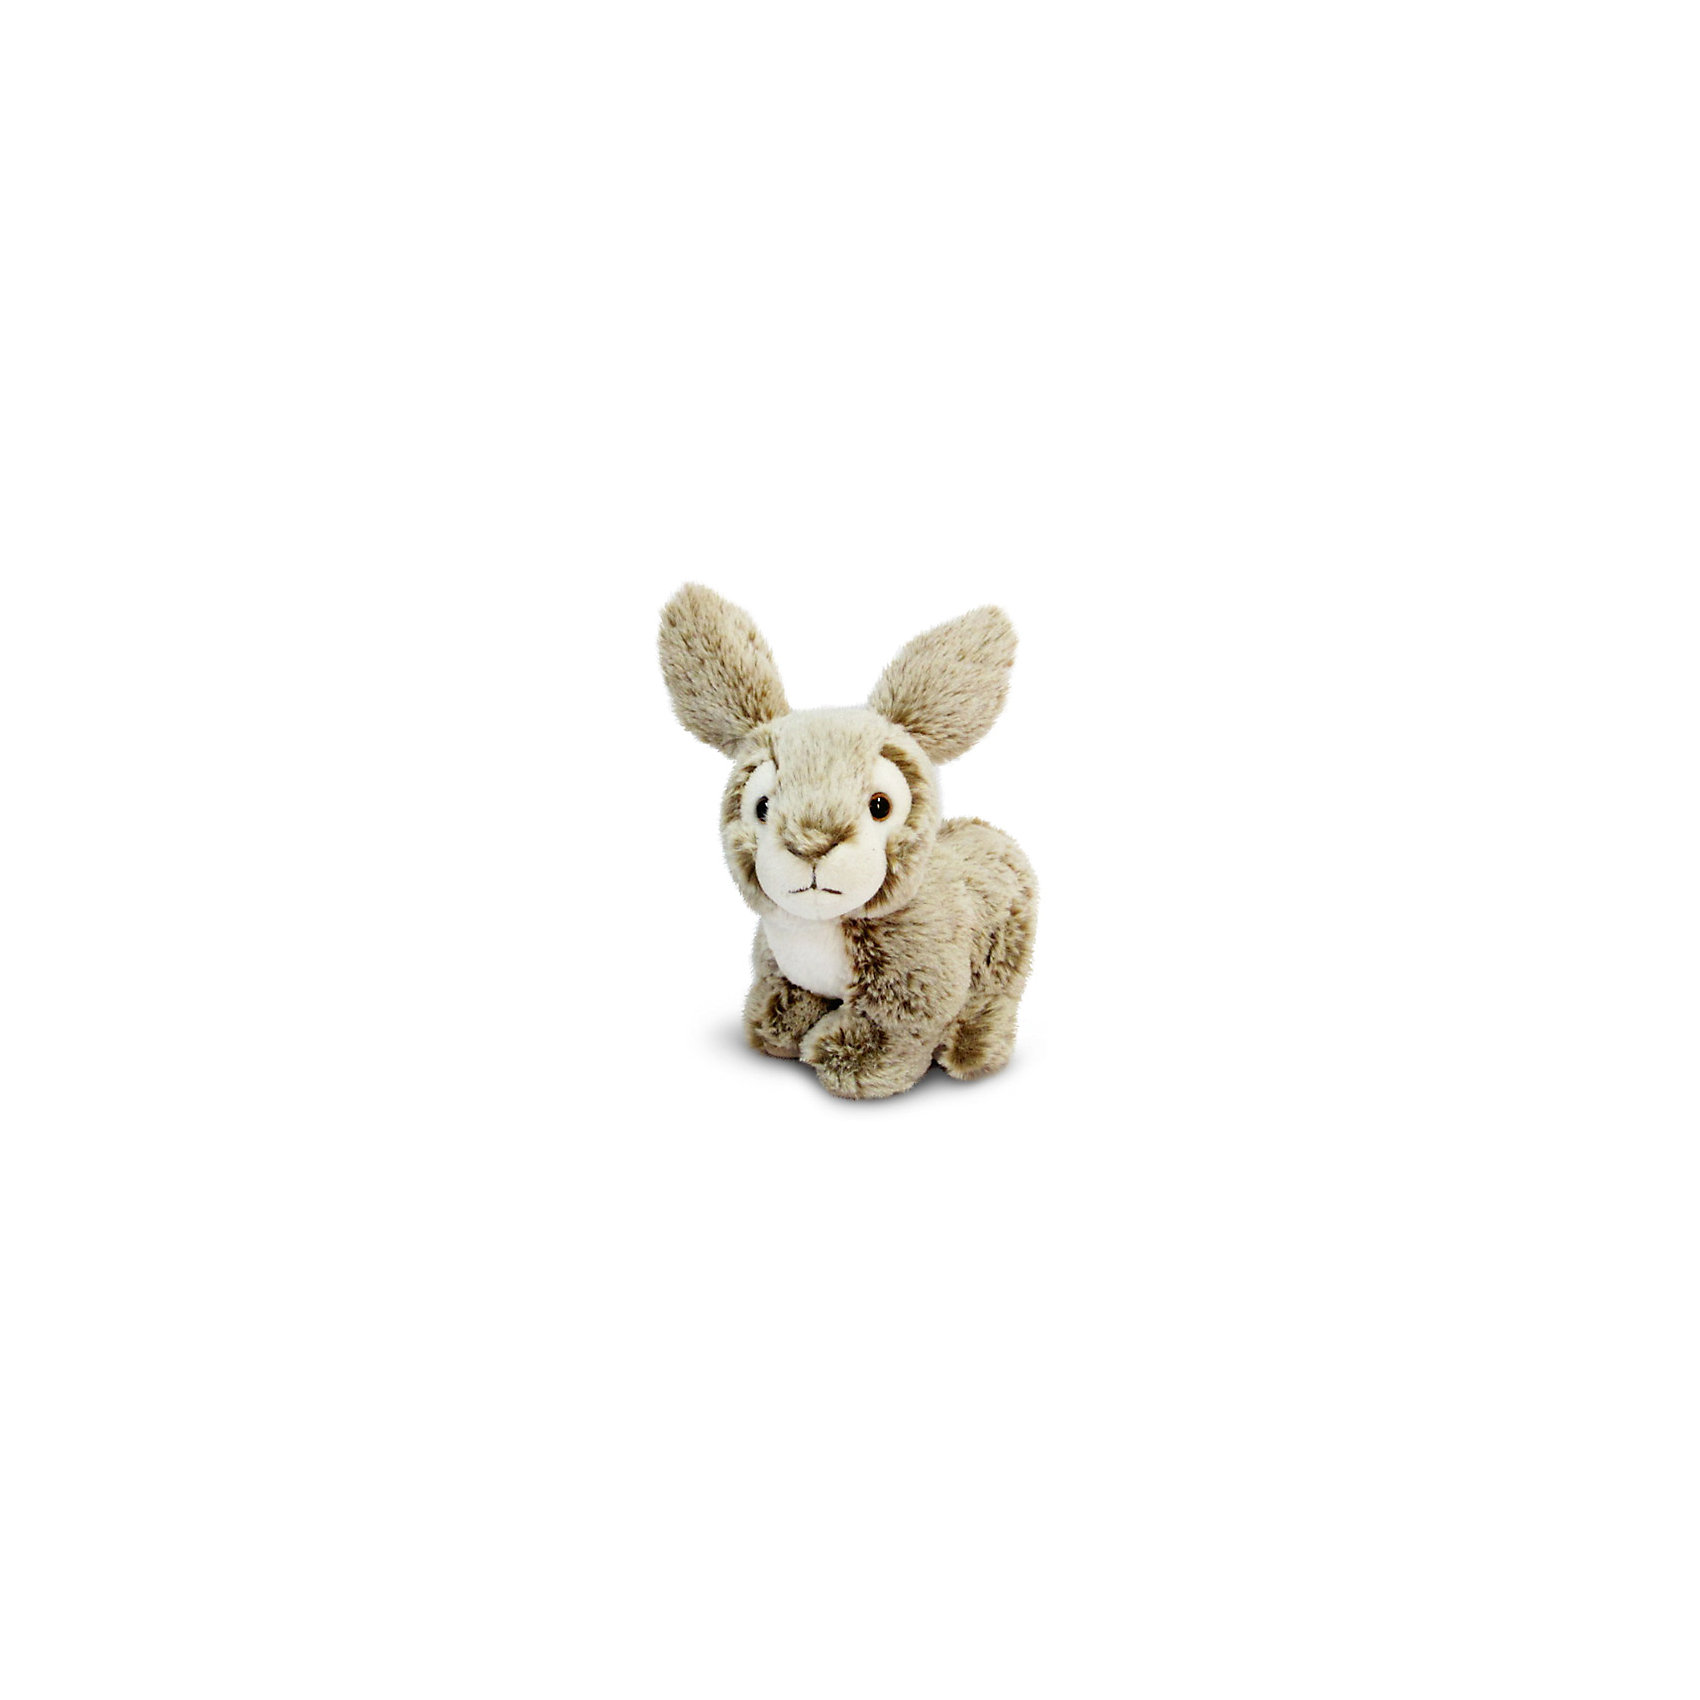 Зайчонок музыкальный, 14 см., LAVAМягкий очаровательный зайчонок споет малышам песенку и подарит хорошее настроение! Игрушка выполнена из высококачественного гипоаллергенного материала, очень приятна на ощупь, абсолютно безопасна для детей.  <br><br>Дополнительная информация:<br><br>- Материал: искусственный мех ,текстиль, синтепон, пластик.<br>- Высота: 14 см. <br>- Поет песенку. <br>- Элемент питания: батарейка (в комплекте).<br><br>Зайчонка музыкального, 14 см., LAVA (ЛАВА) можно купить в нашем магазине.<br><br>Ширина мм: 150<br>Глубина мм: 150<br>Высота мм: 140<br>Вес г: 375<br>Возраст от месяцев: 36<br>Возраст до месяцев: 1188<br>Пол: Унисекс<br>Возраст: Детский<br>SKU: 4444193